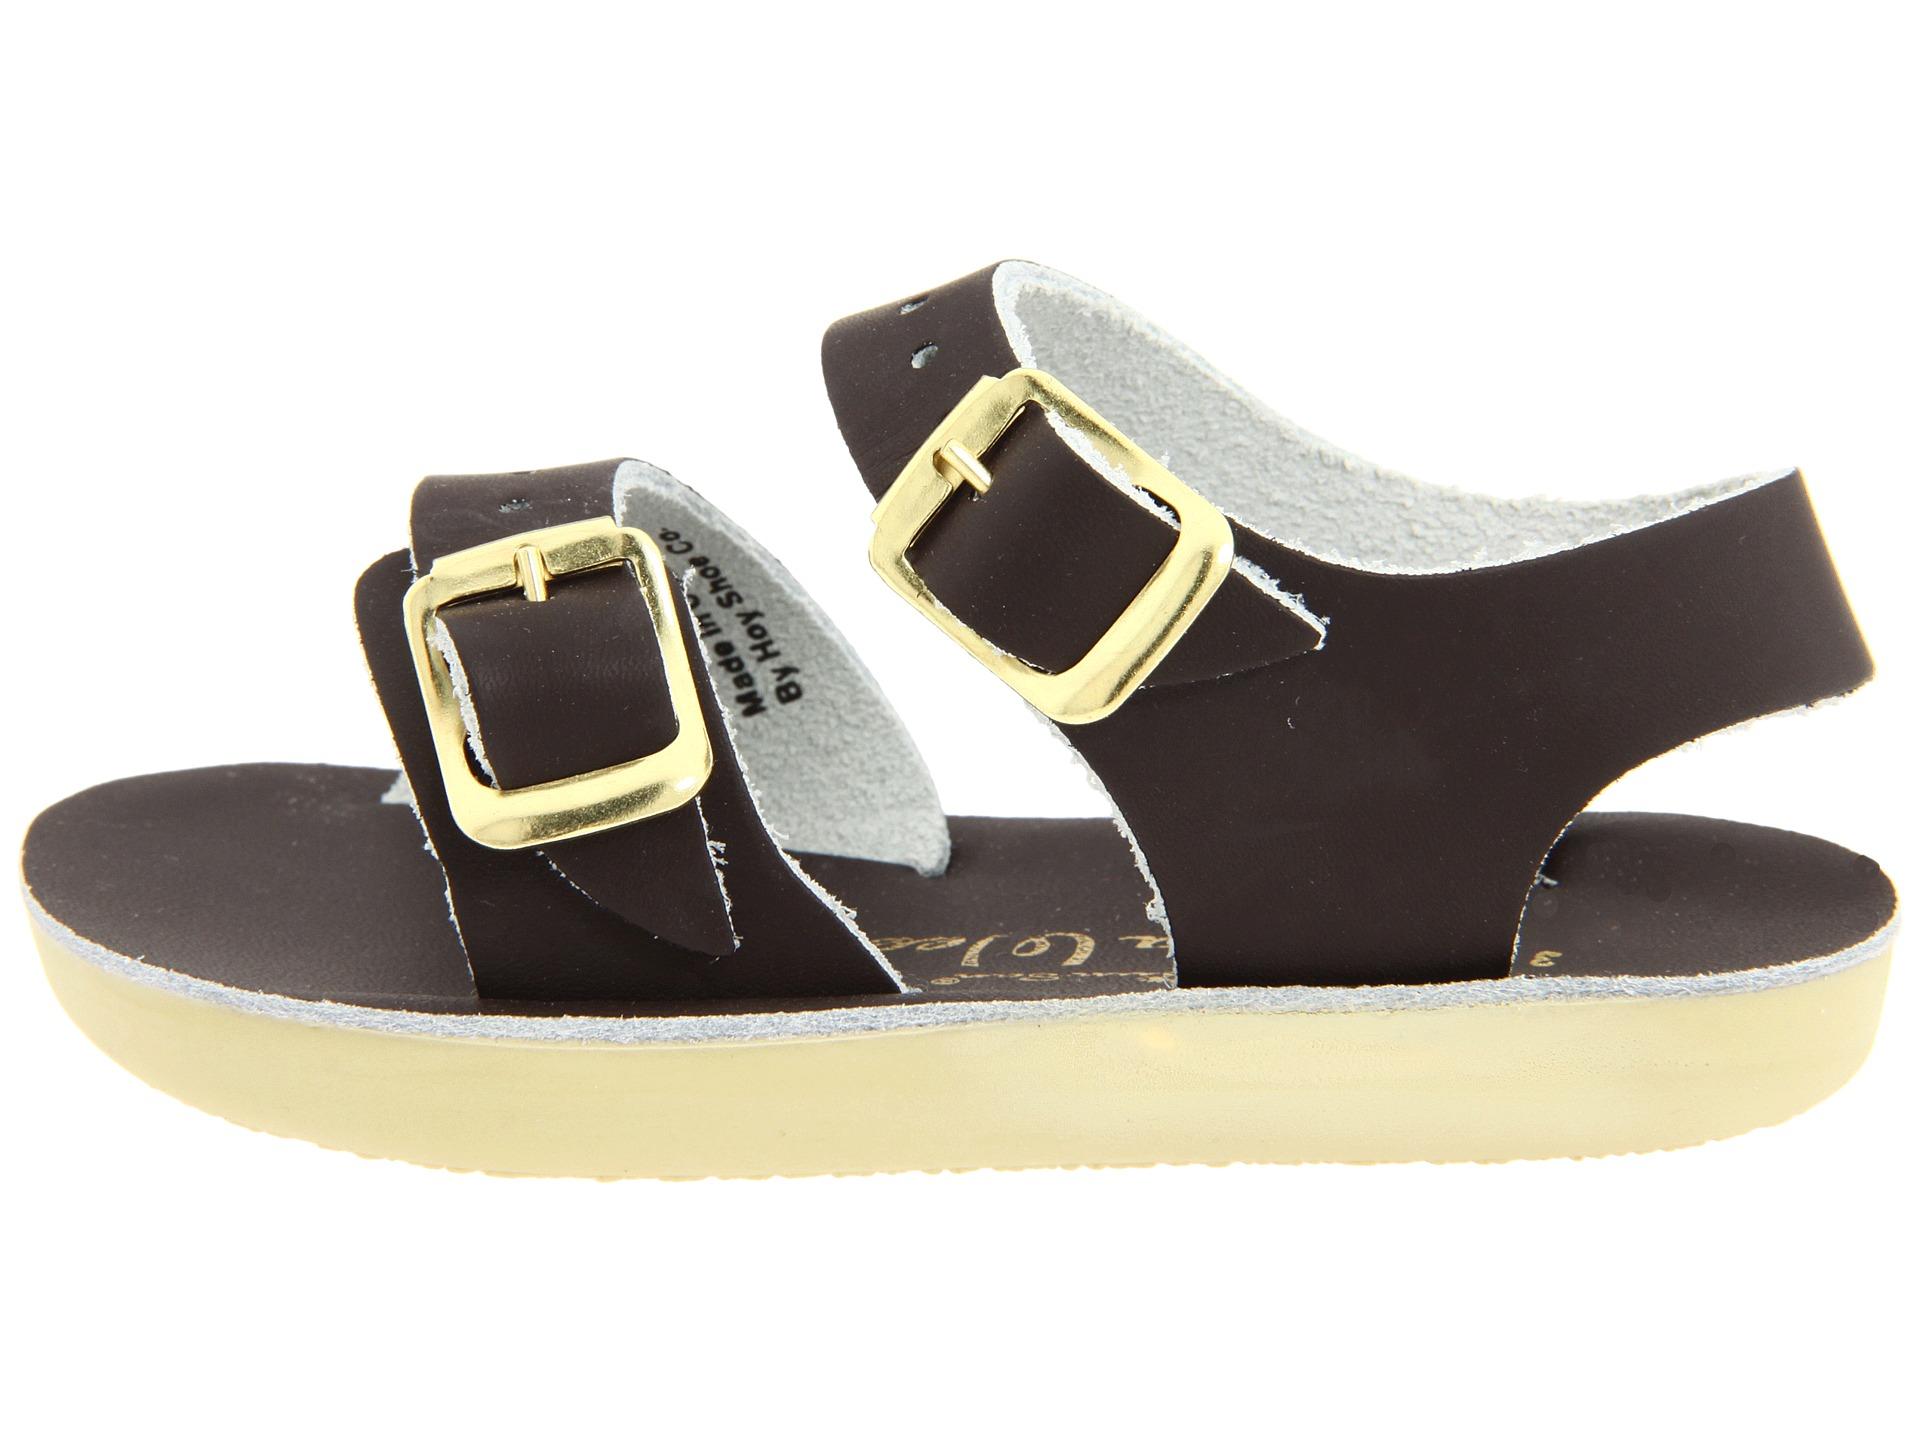 salt water sandal by hoy shoes sun san sea wees infant toddler at. Black Bedroom Furniture Sets. Home Design Ideas